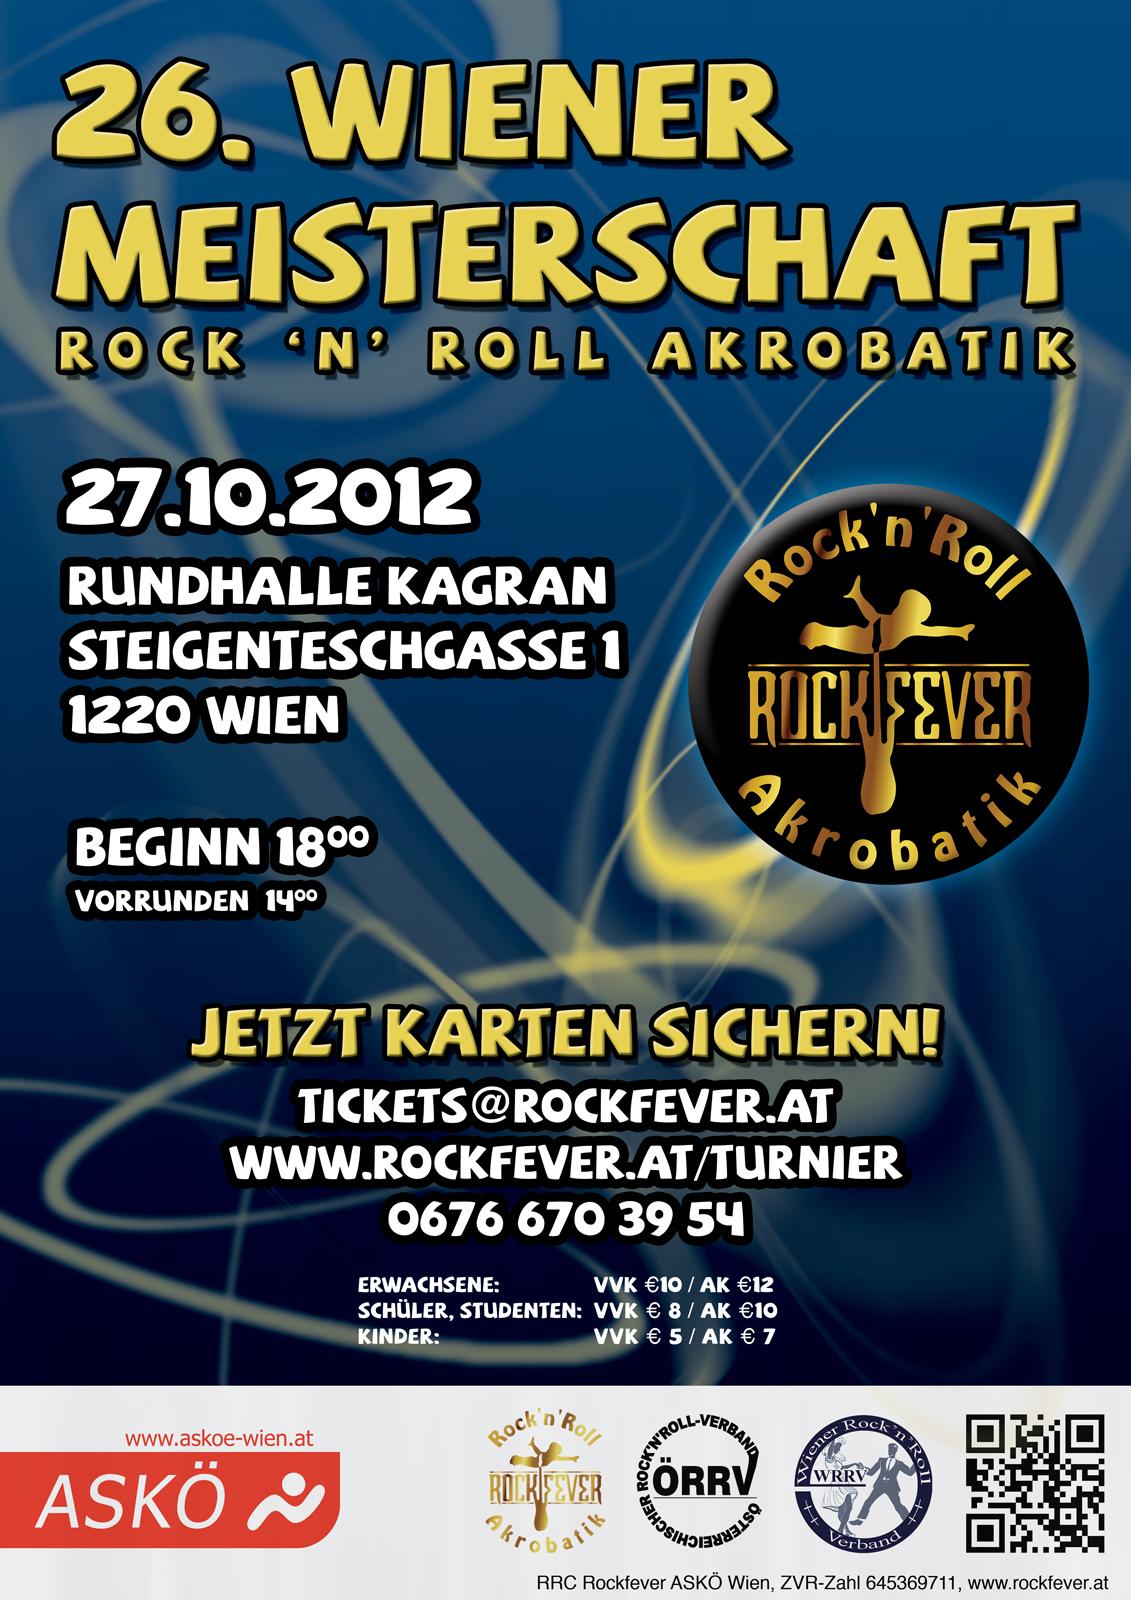 Flyer Wiener Meisterschaft 2012